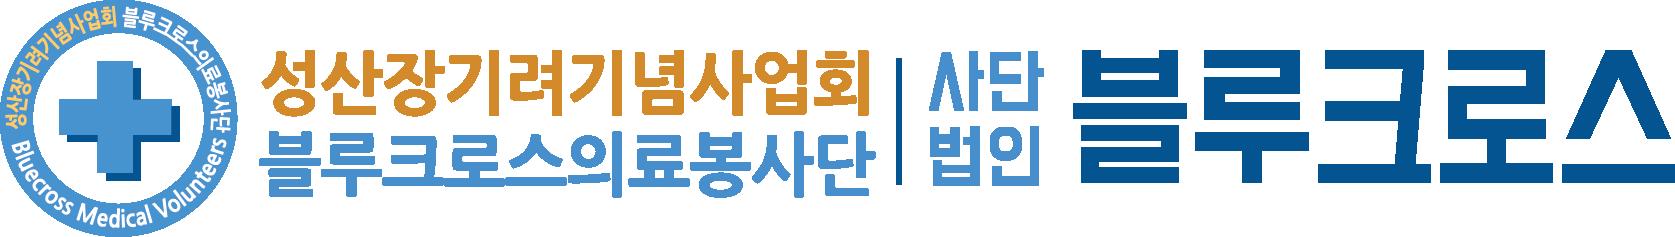 봉사단 활동 지원 및 SNS 관리 채용 공고